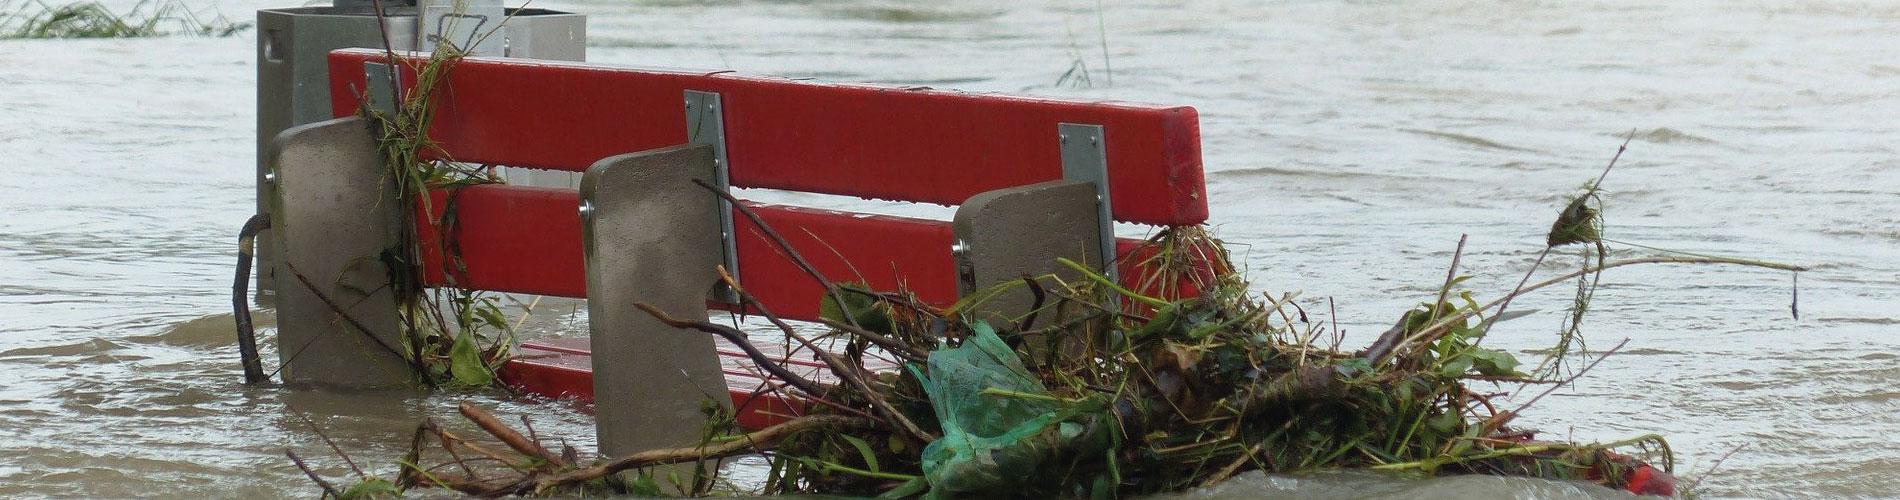 Hochwasserschäden in Rheinland-Pfalz und NRW: Neuerungen im Katastrophenerlass